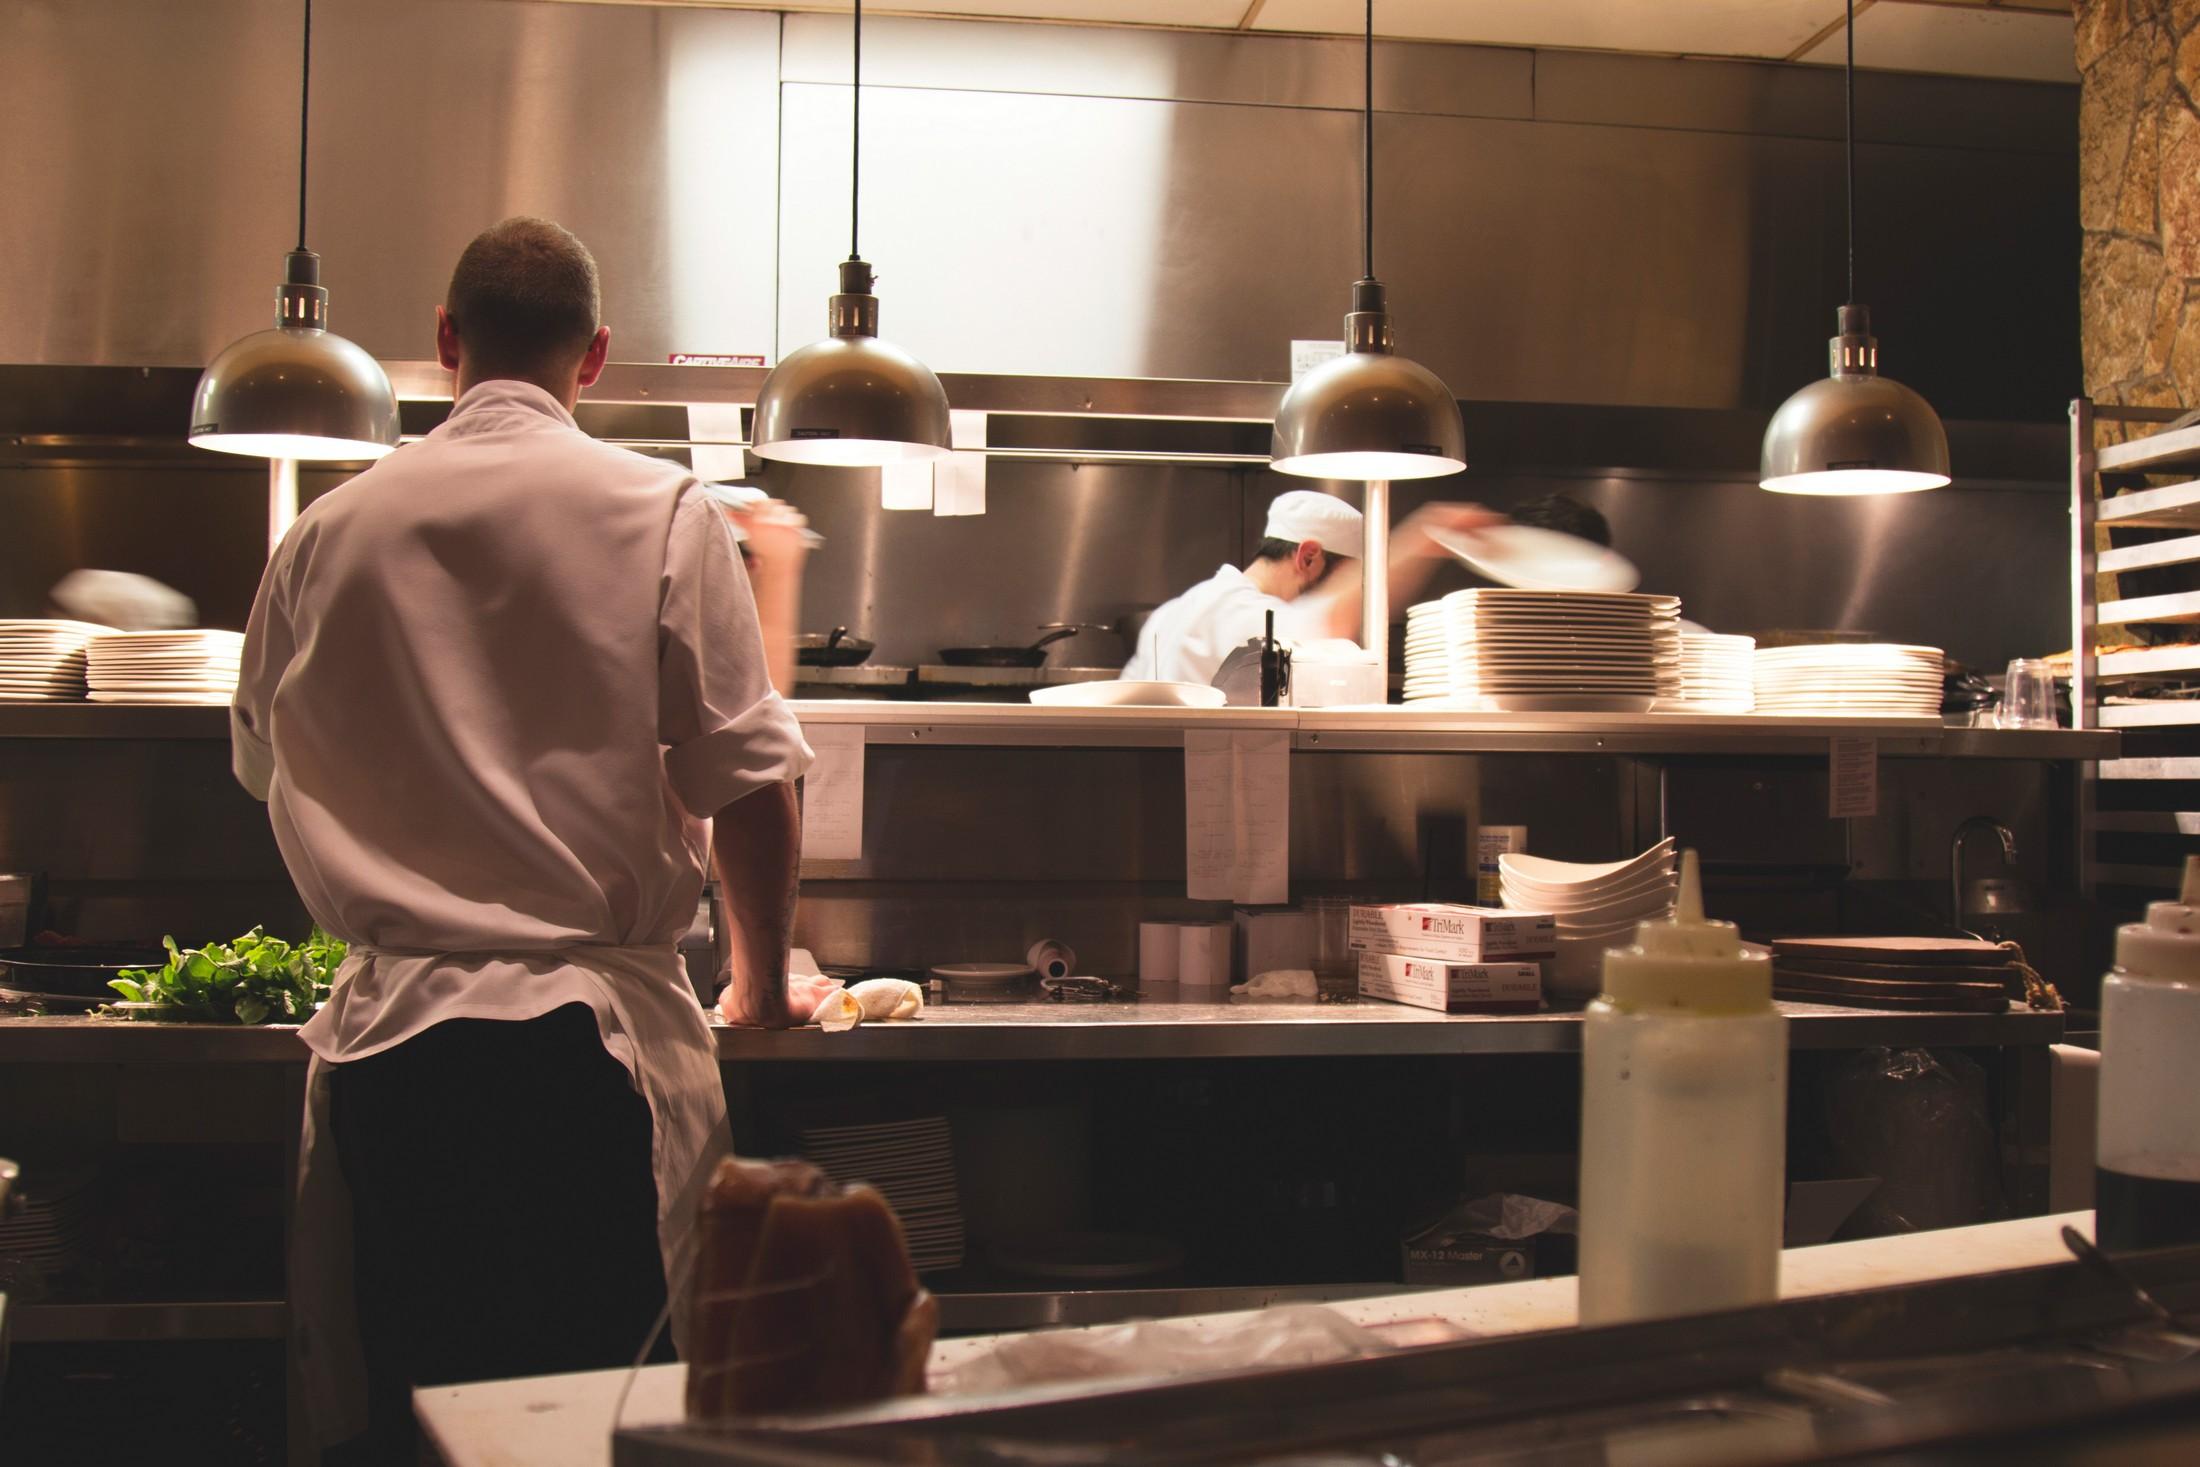 Cocineros cocina restaurante